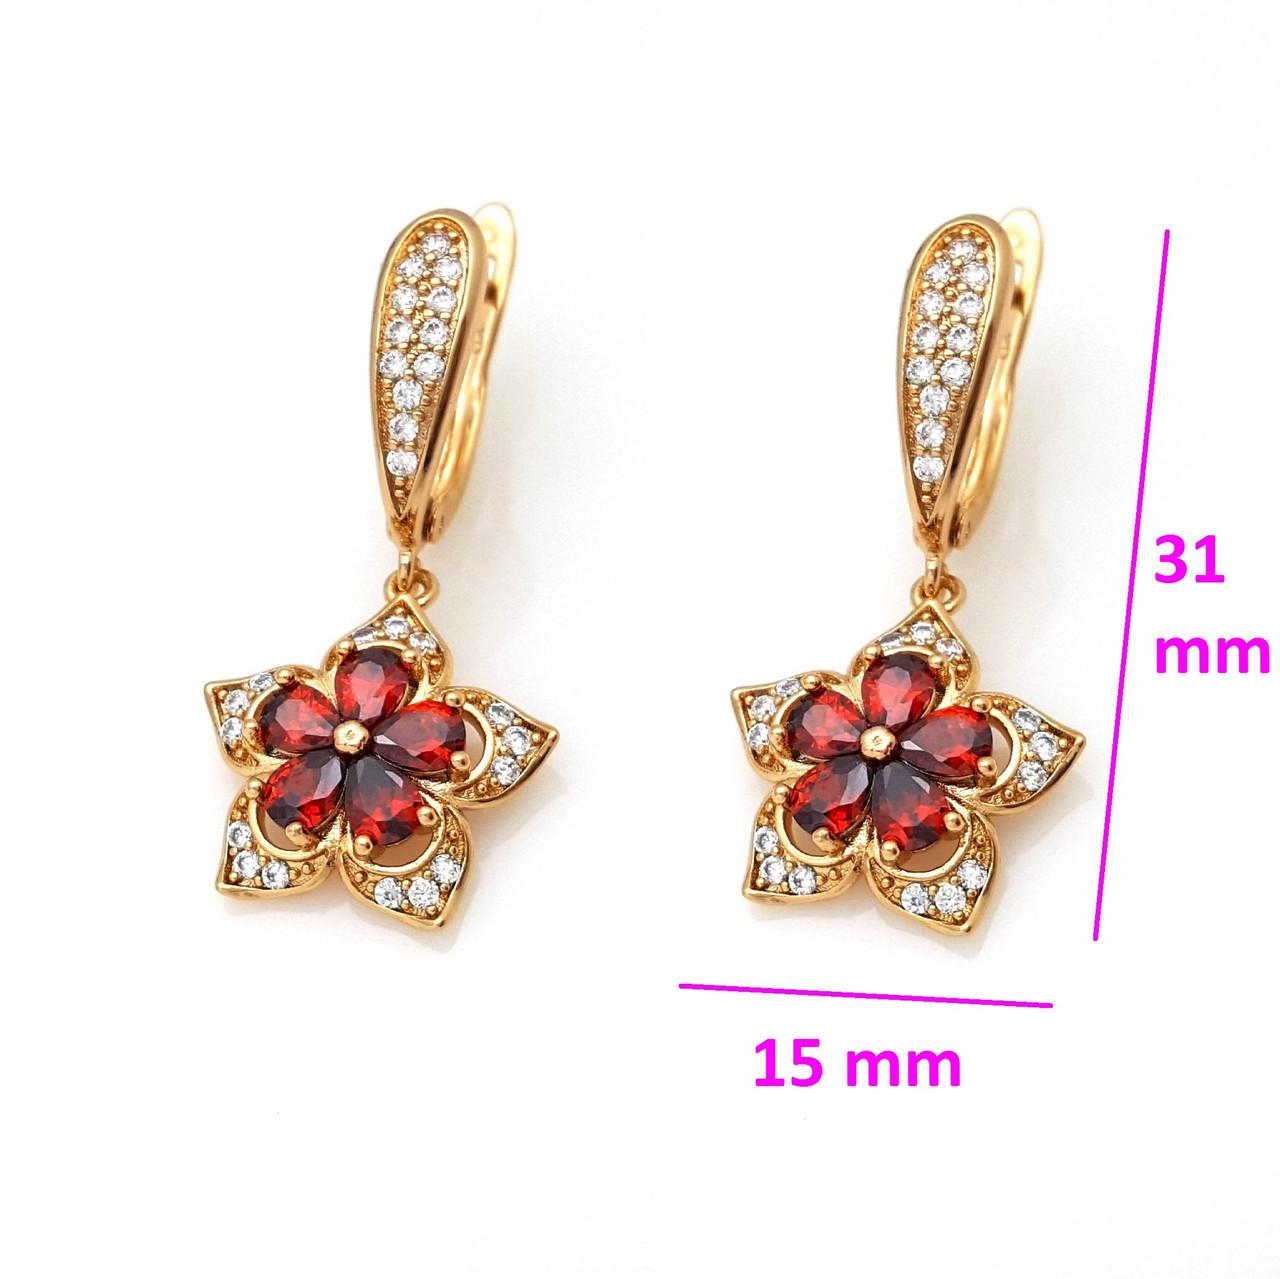 Сережки, Квітка з червоним цирконієм, англ.замок, позолота Xuping, 18К